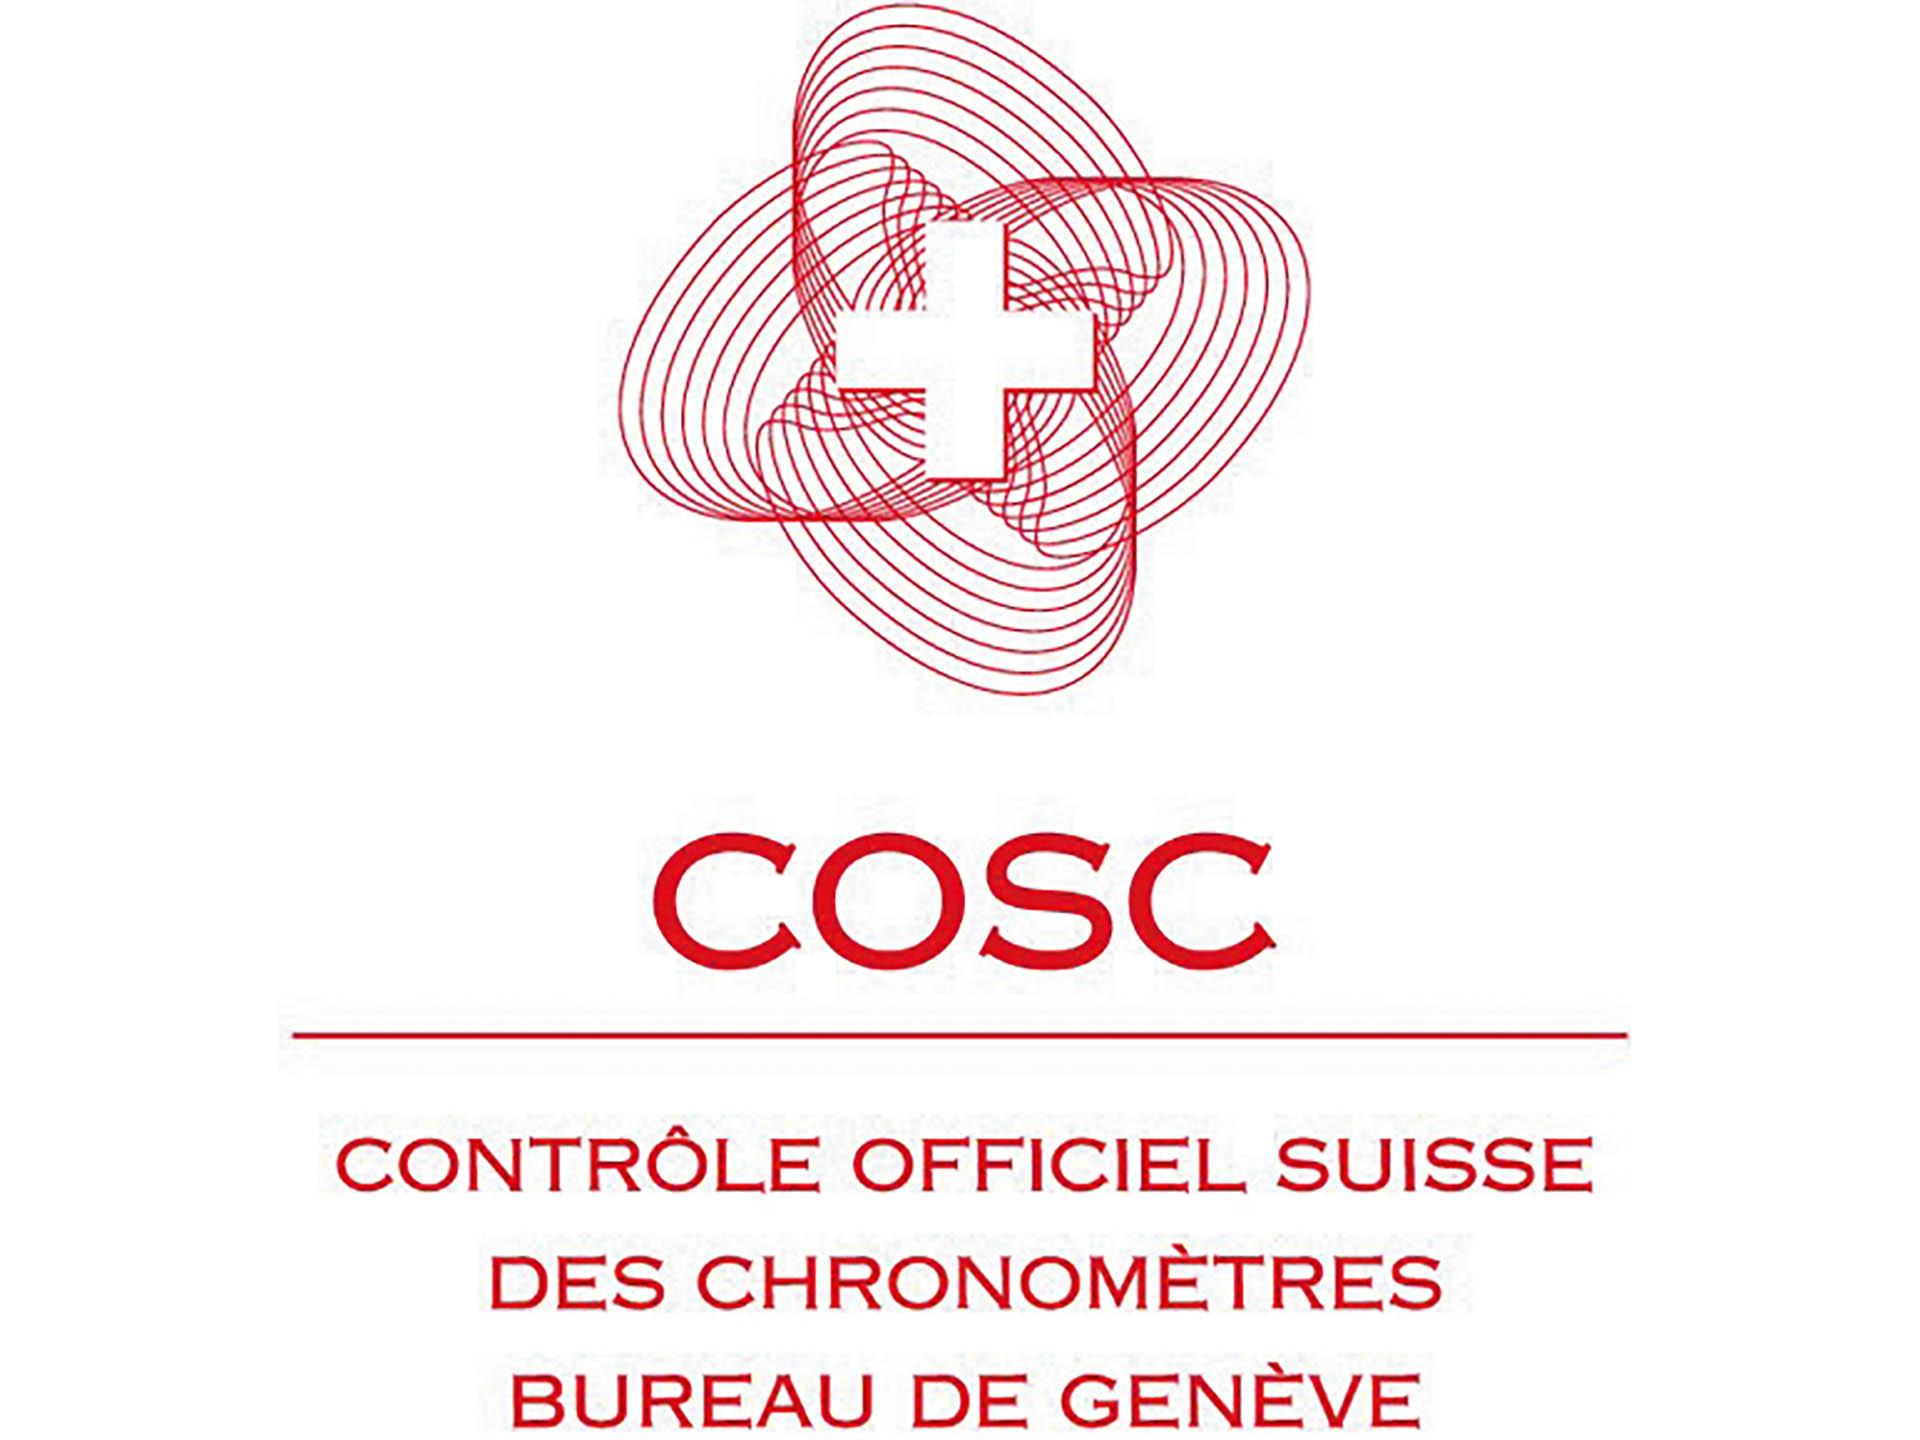 Das offizielle Logo des Instituts Contrôle Officiel Suisse des Chronomètres (COSC).